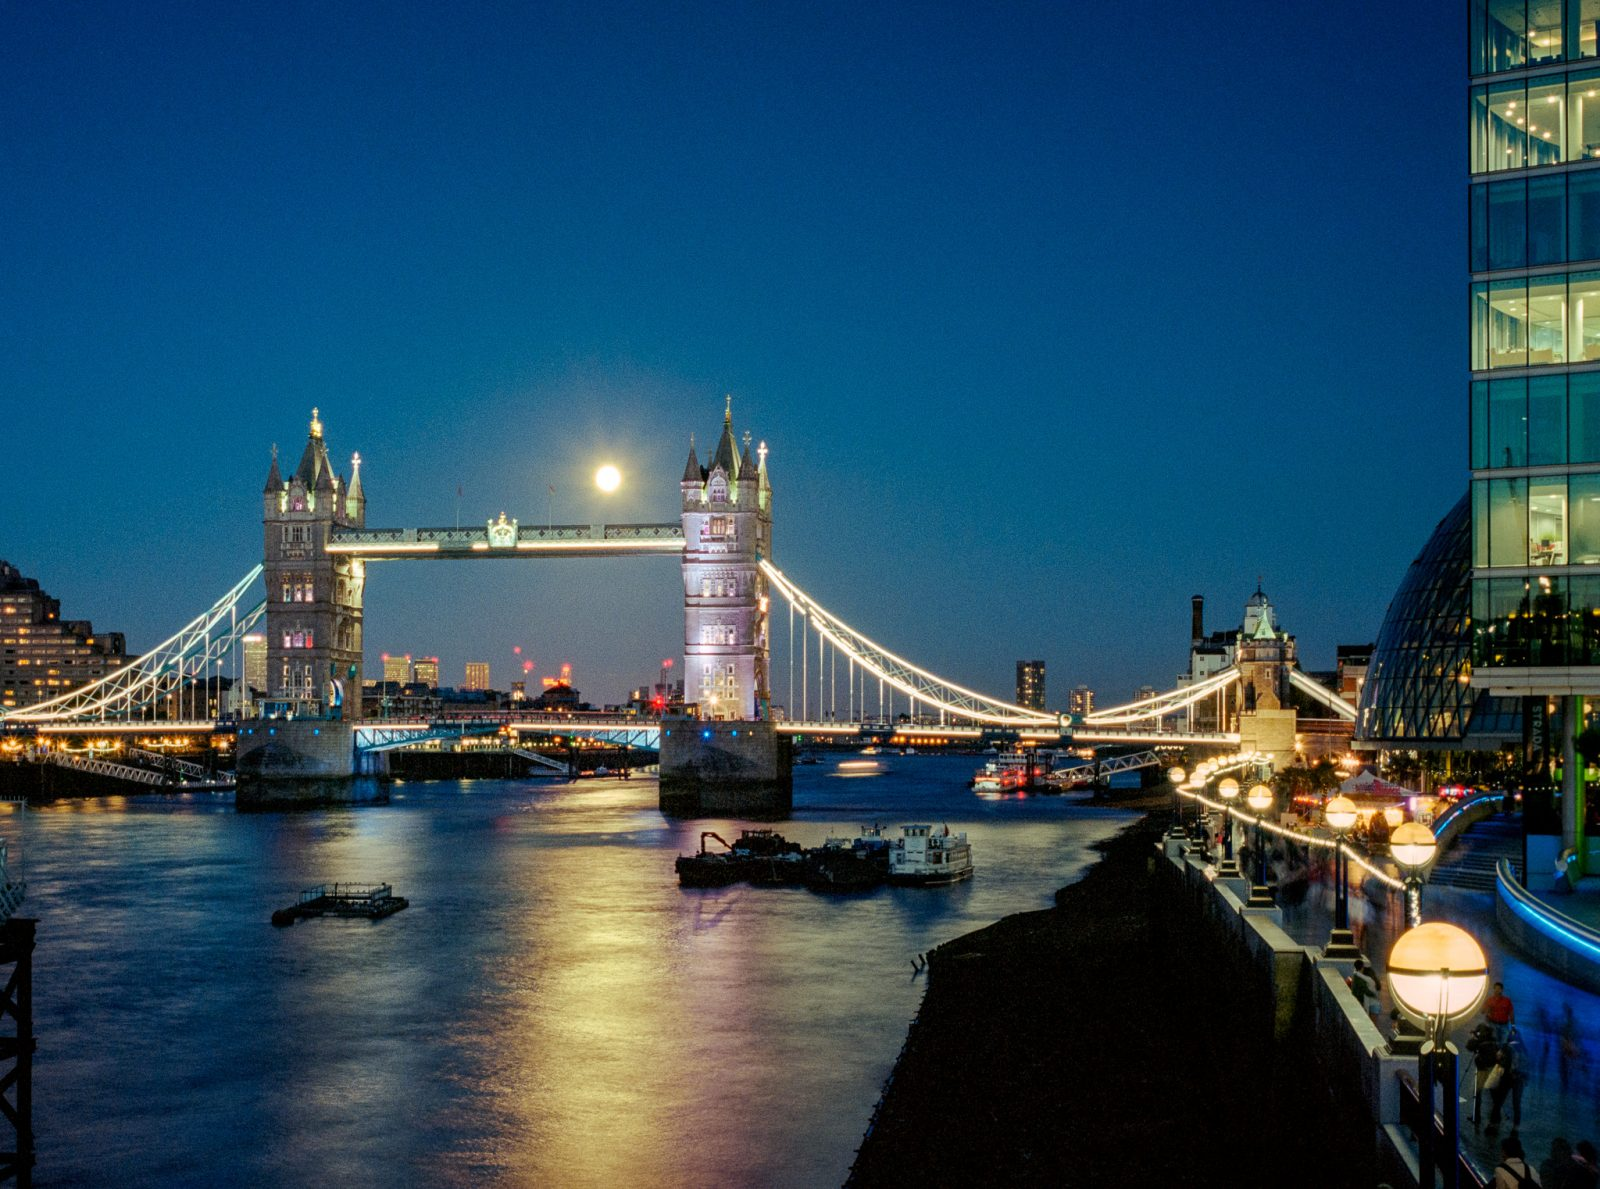 Full Moons over Tower Bridge